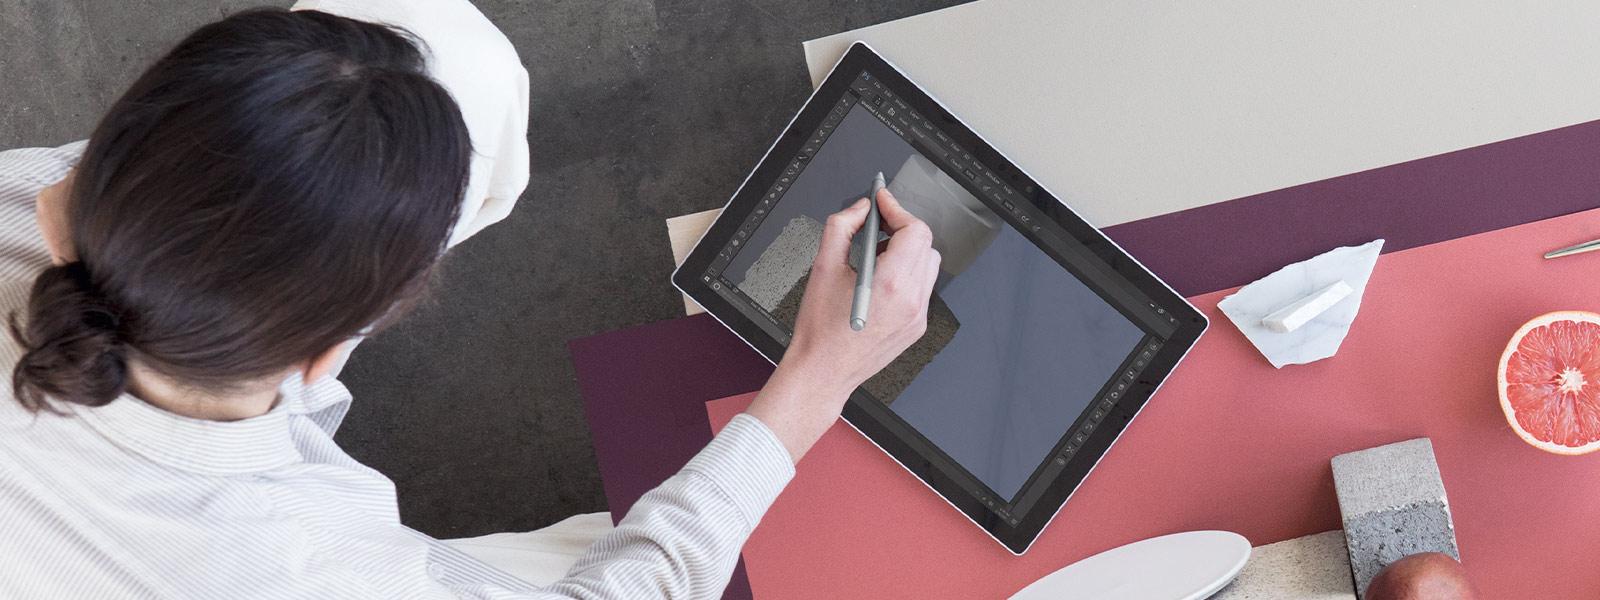 Benutzer mit Surface Pen und Surface-Gerät